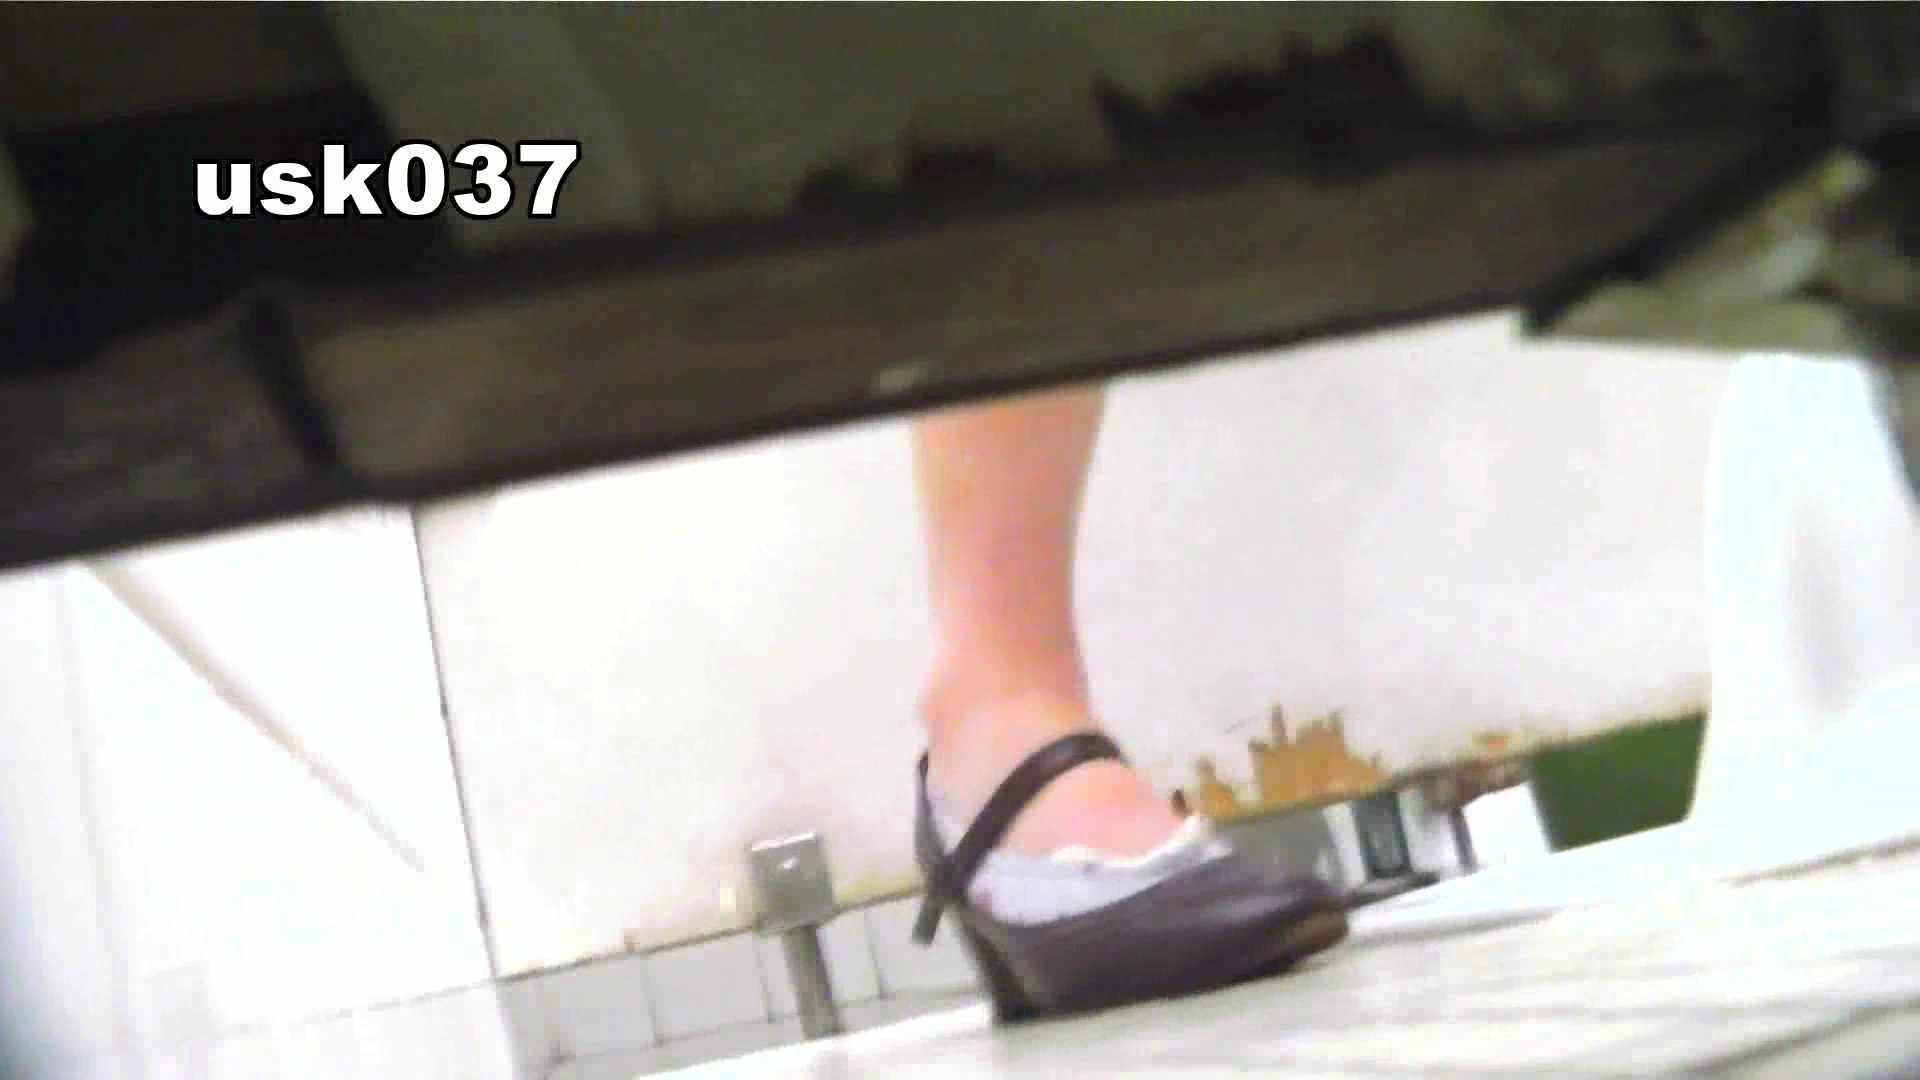 【美しき個室な世界】 vol.037 ひねり出す様子(フトイです) 洗面所  73PIX 51